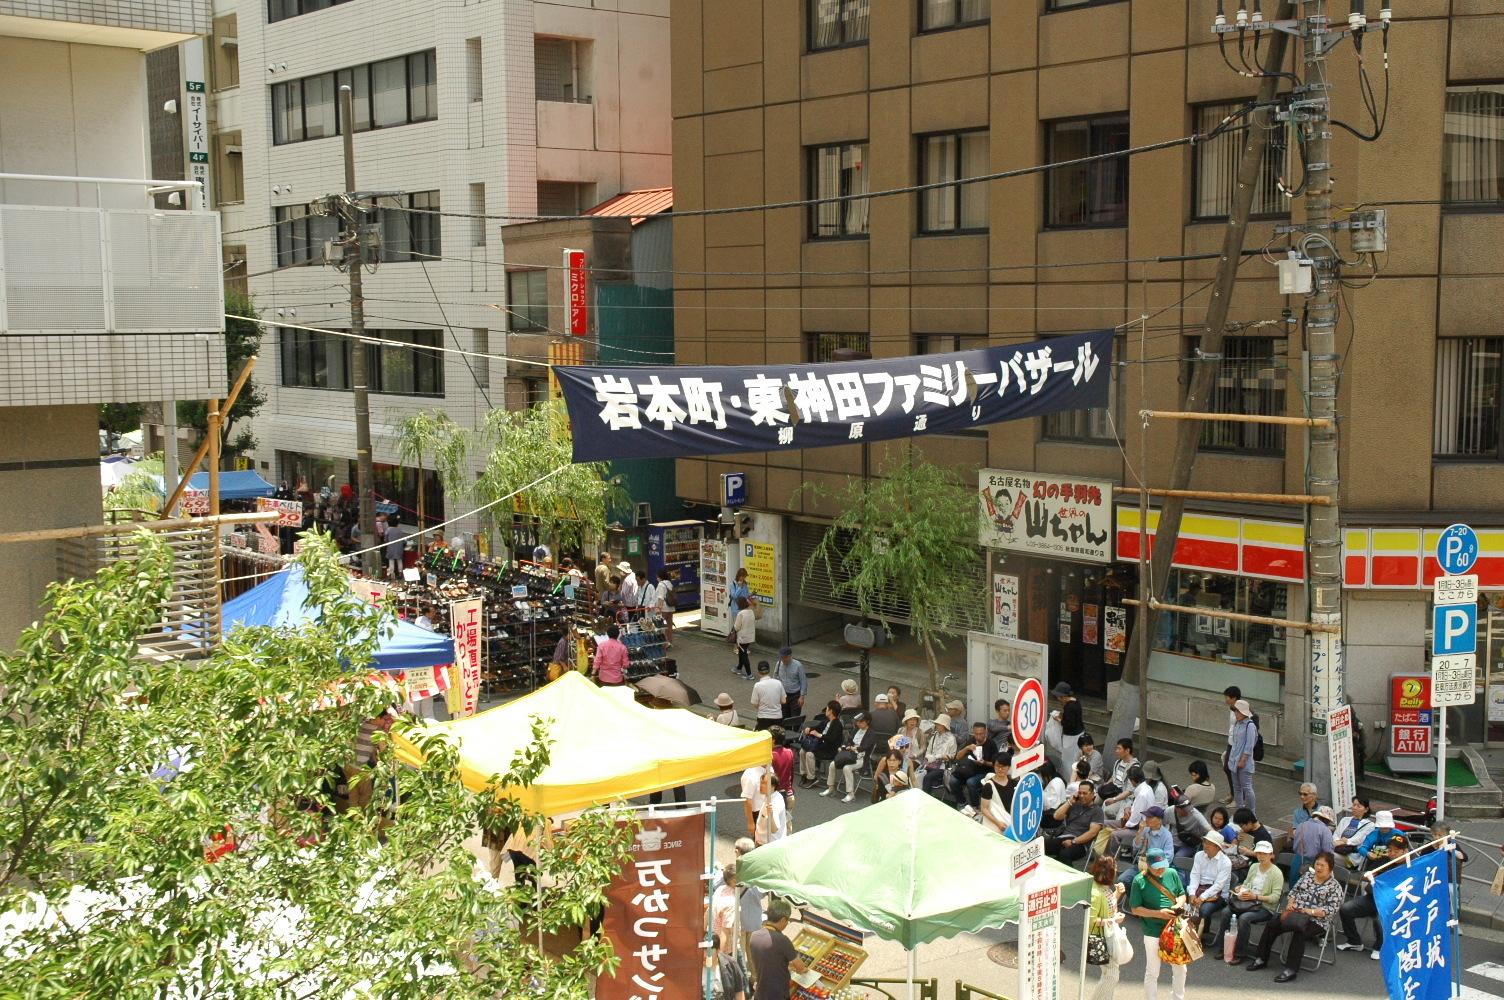 岩本町 東神田 ファミリーバザール